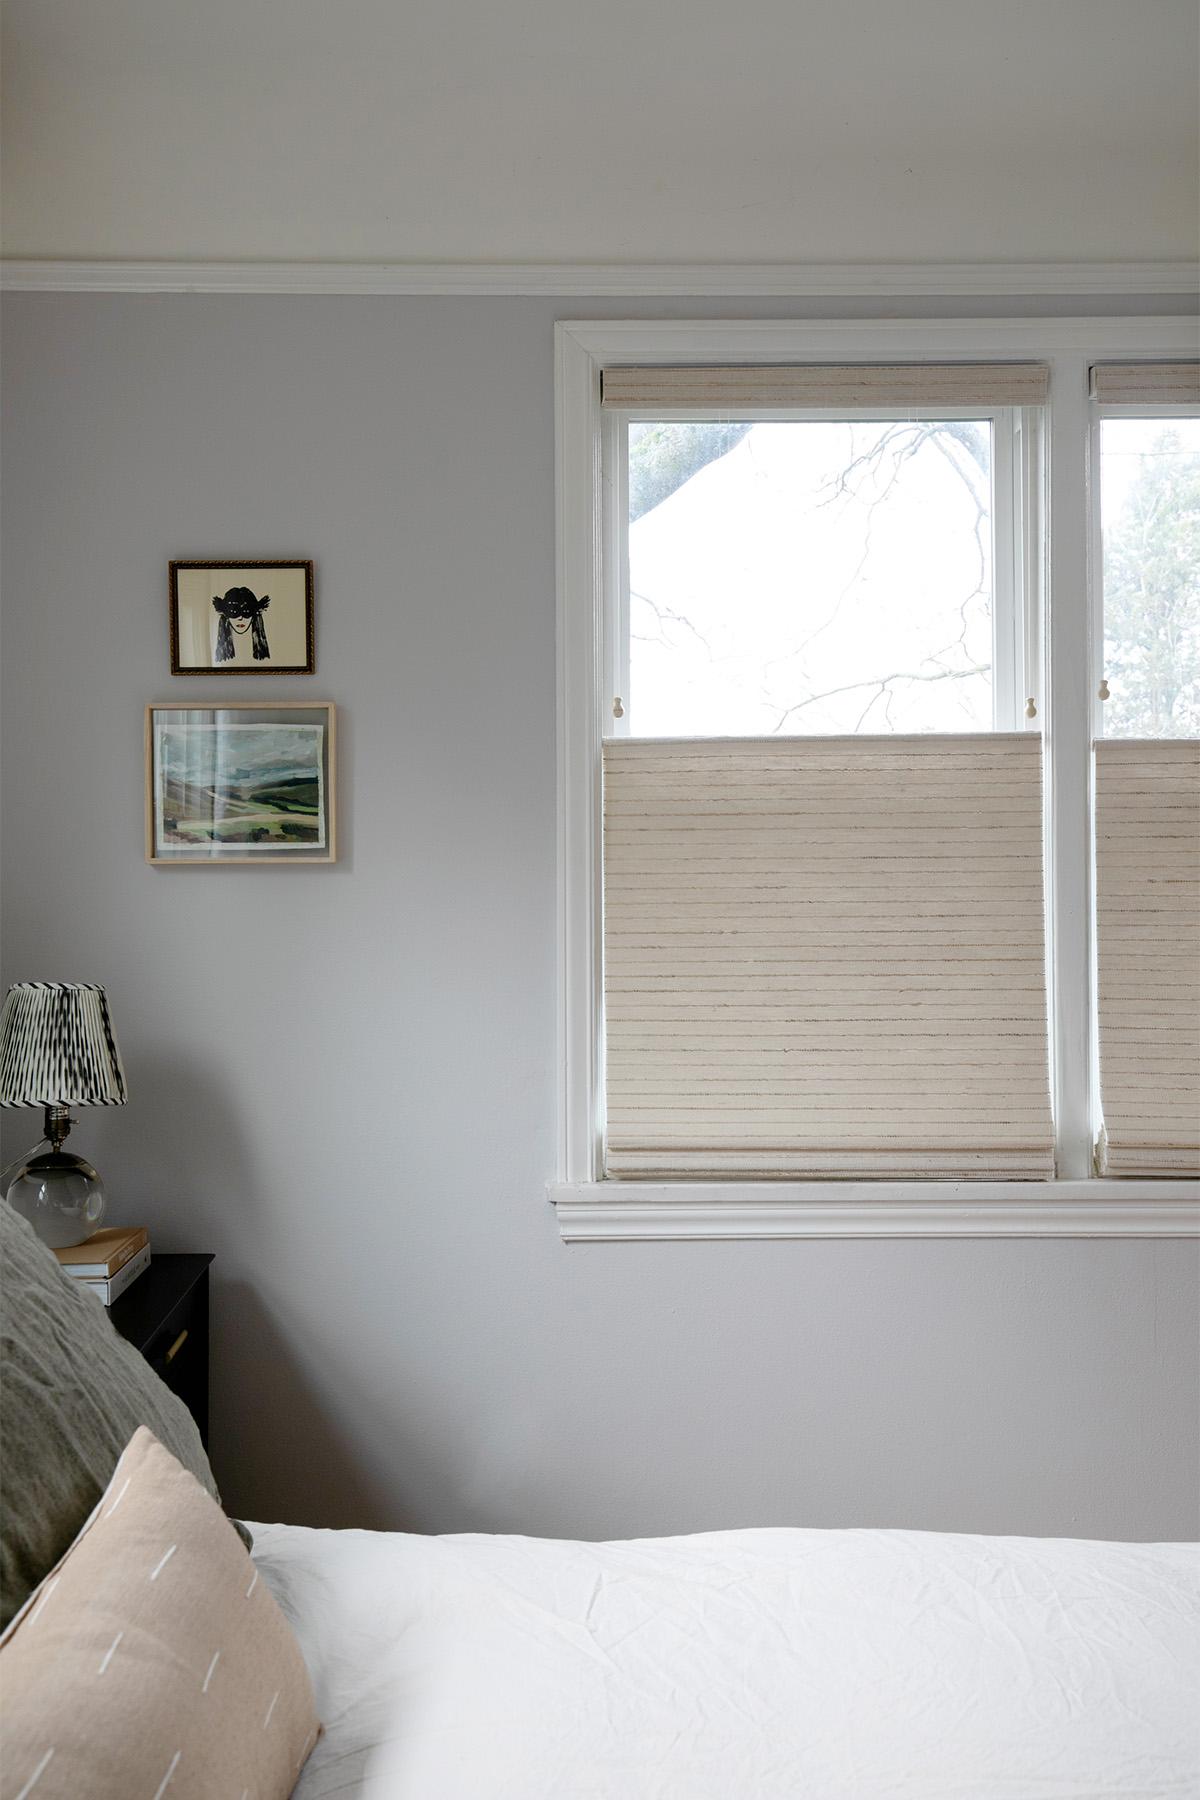 un style minimal et une couleur de mur calme donnent à cette rénovation de la chambre une ambiance zen